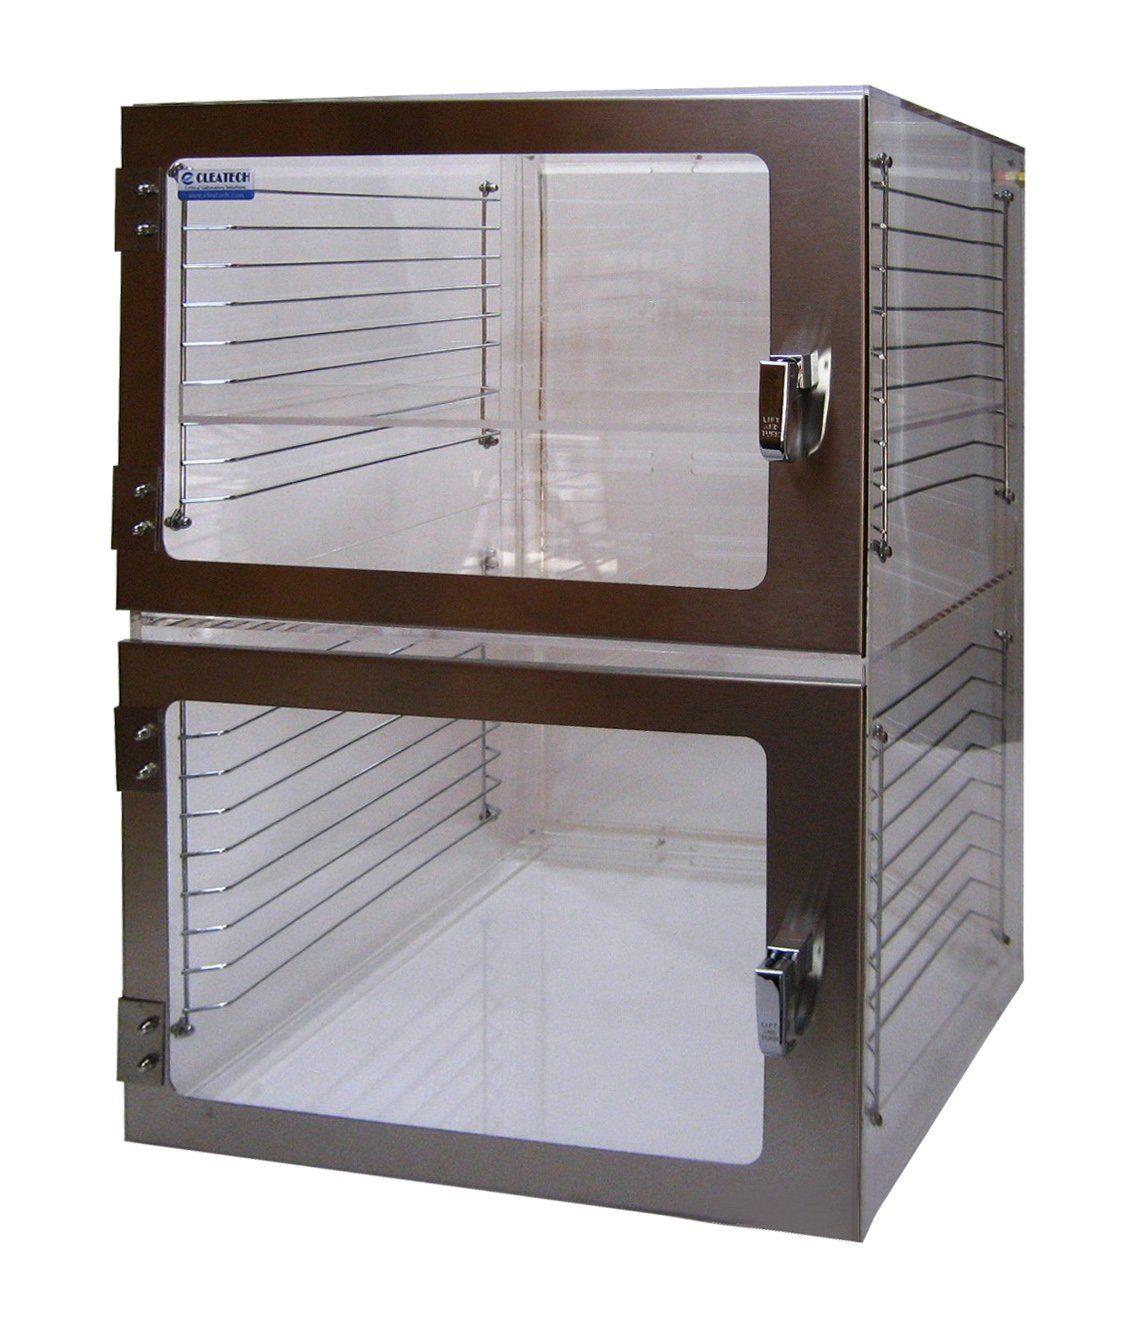 Nitrogen Desiccator Cabinets